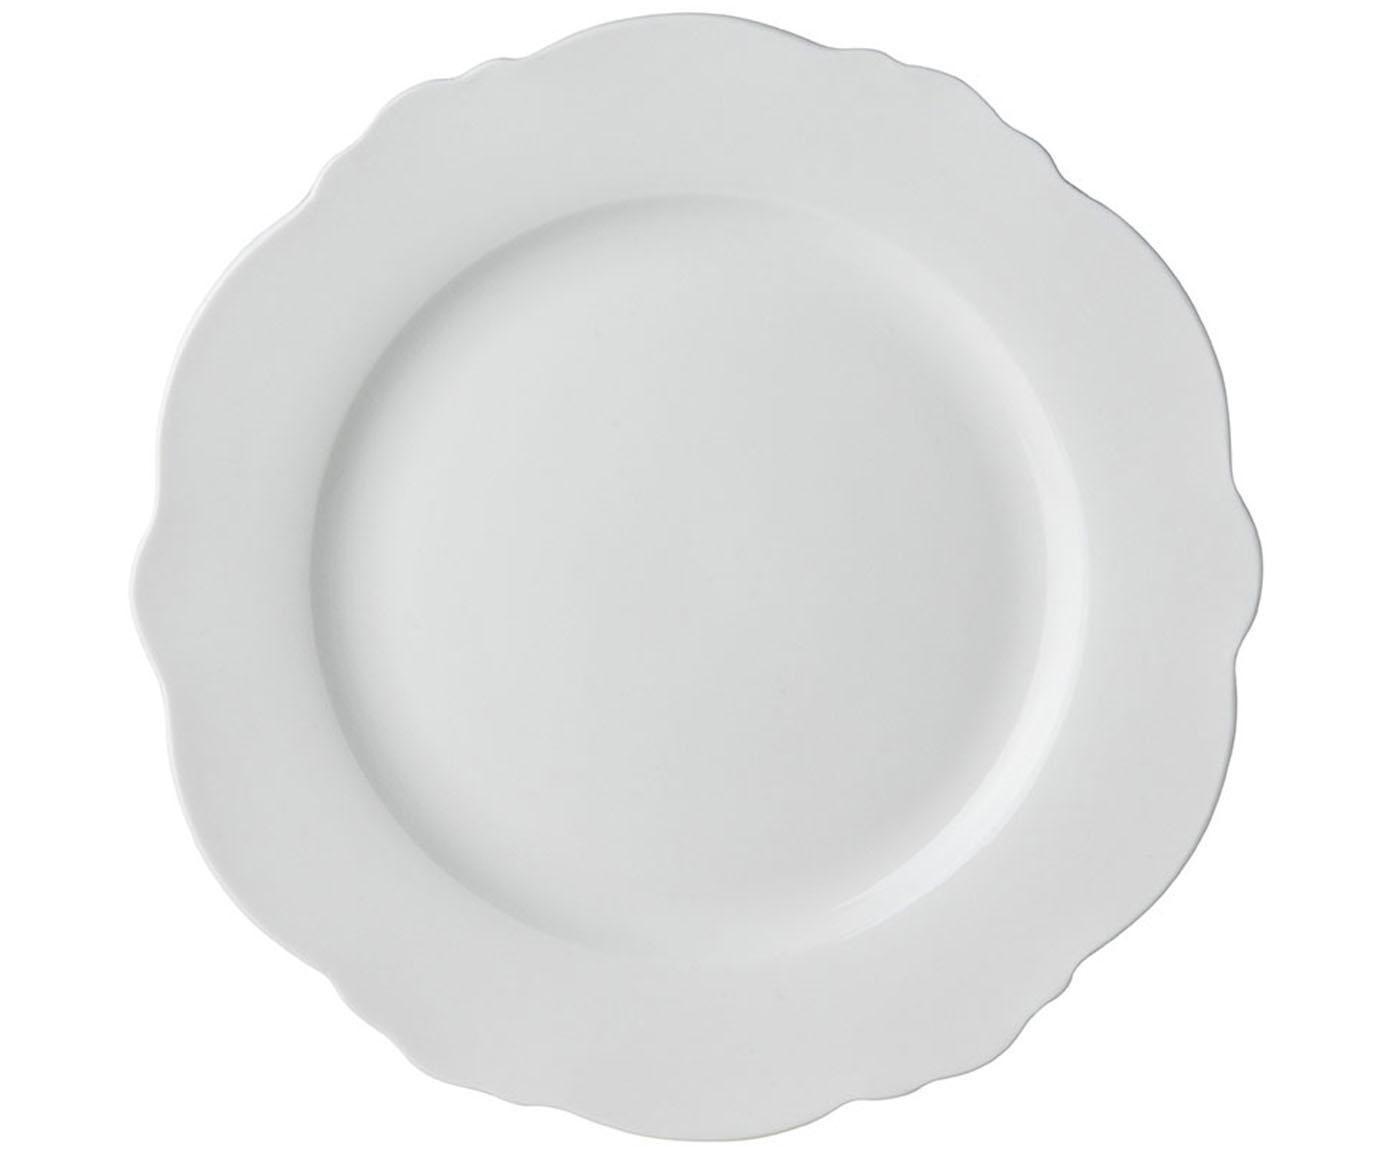 Piatto da colazione Muschel Loft 4 pz, Porcellana, Bianco, Ø 21 x Alt. 2 cm